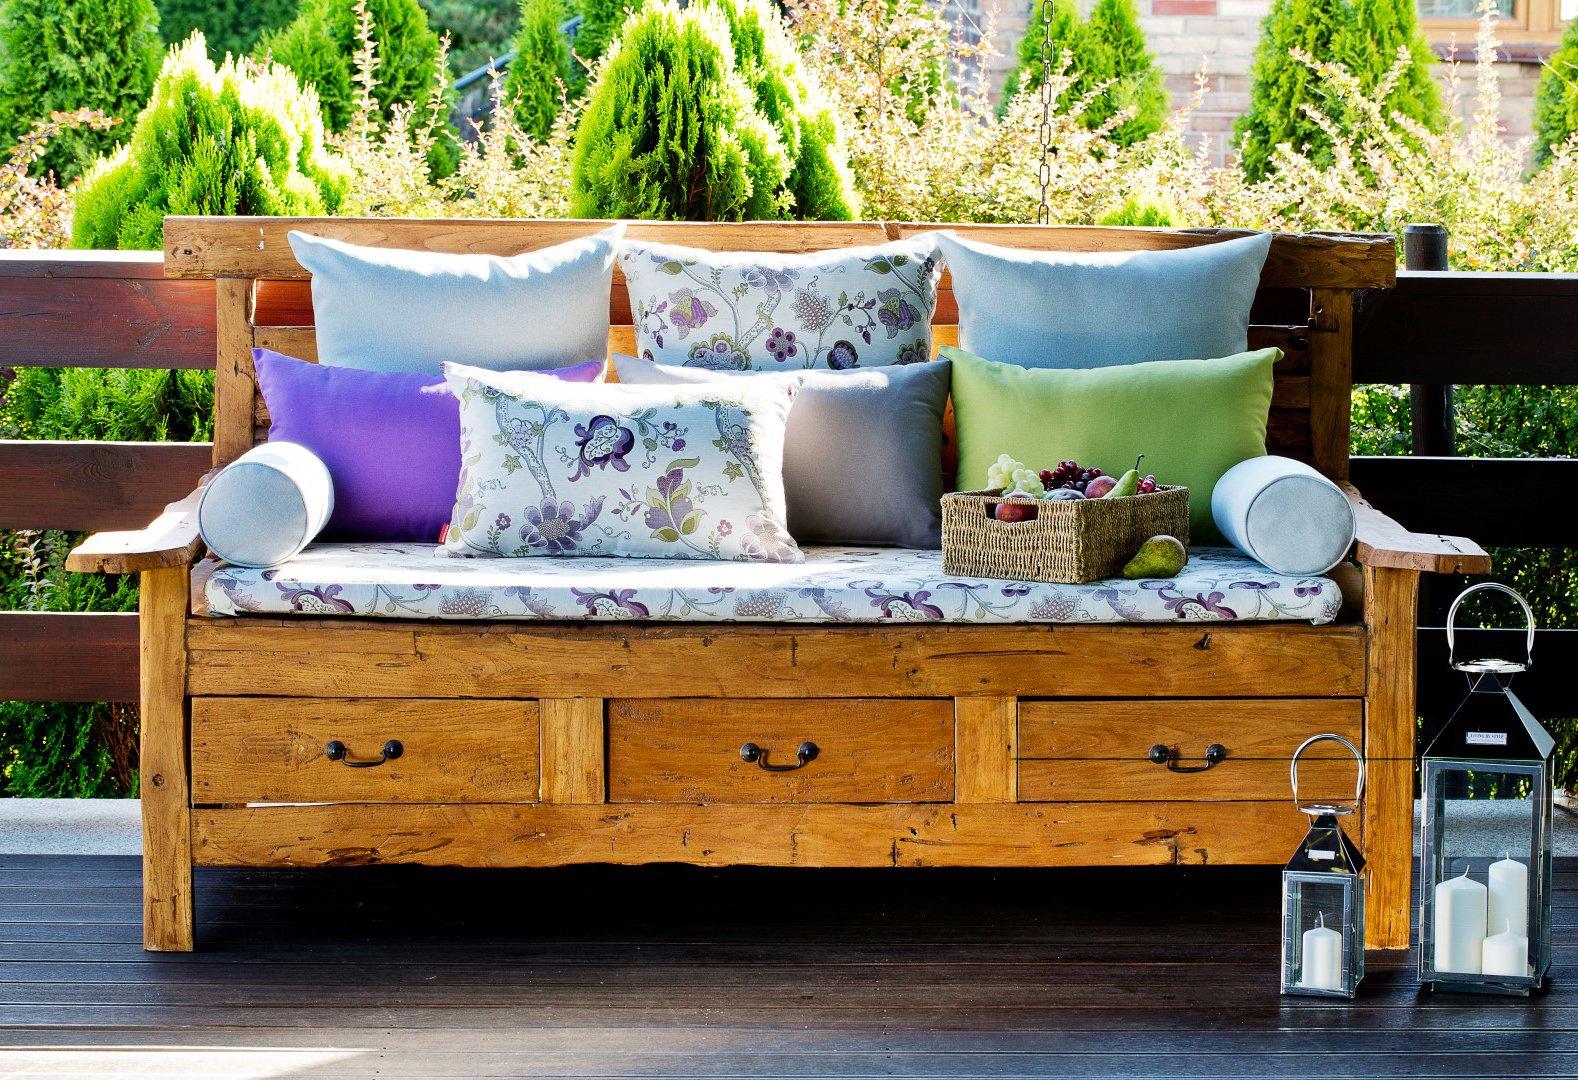 Záhrada s farebnou lavicou